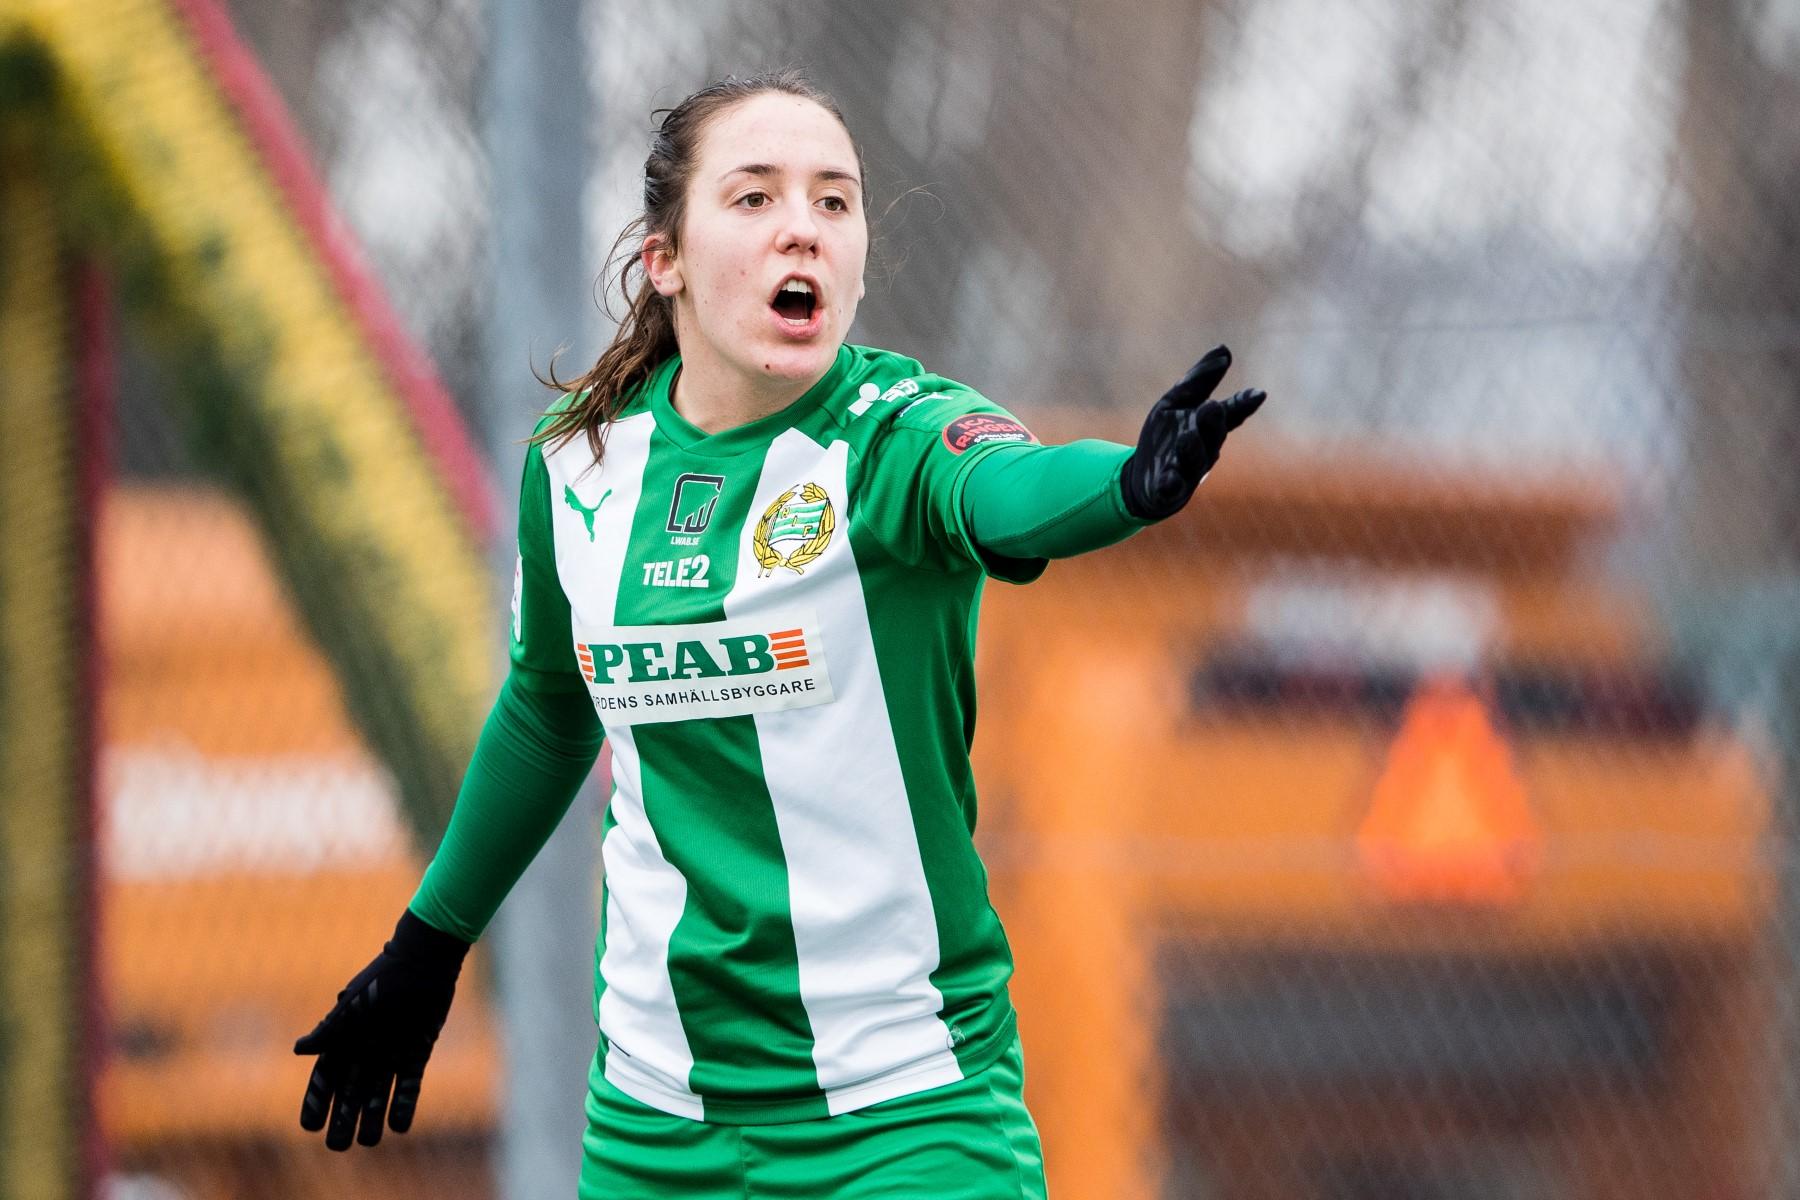 180311 Hammarbys Alma Nygren reagerar under fotbollsmatchen i Svenska cupen mellan Hammarby och Örebro den 11 mars 2018 i Stockholm.  Foto: Andreas L Eriksson / Bildbyrån / kod AE / Cop 106